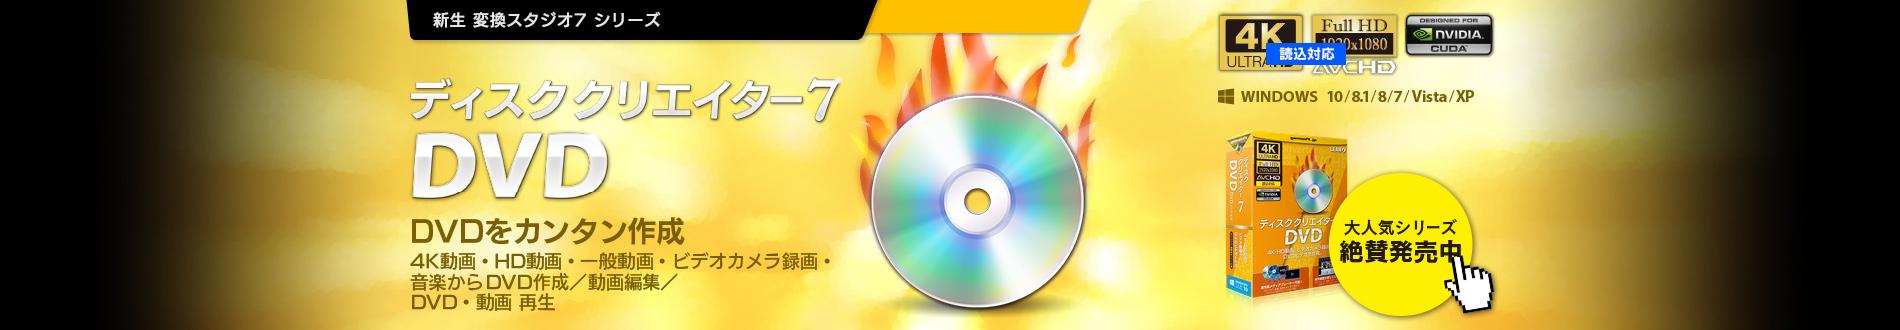 変換スタジオ7 シリーズ ディスククリエイター7 DVD